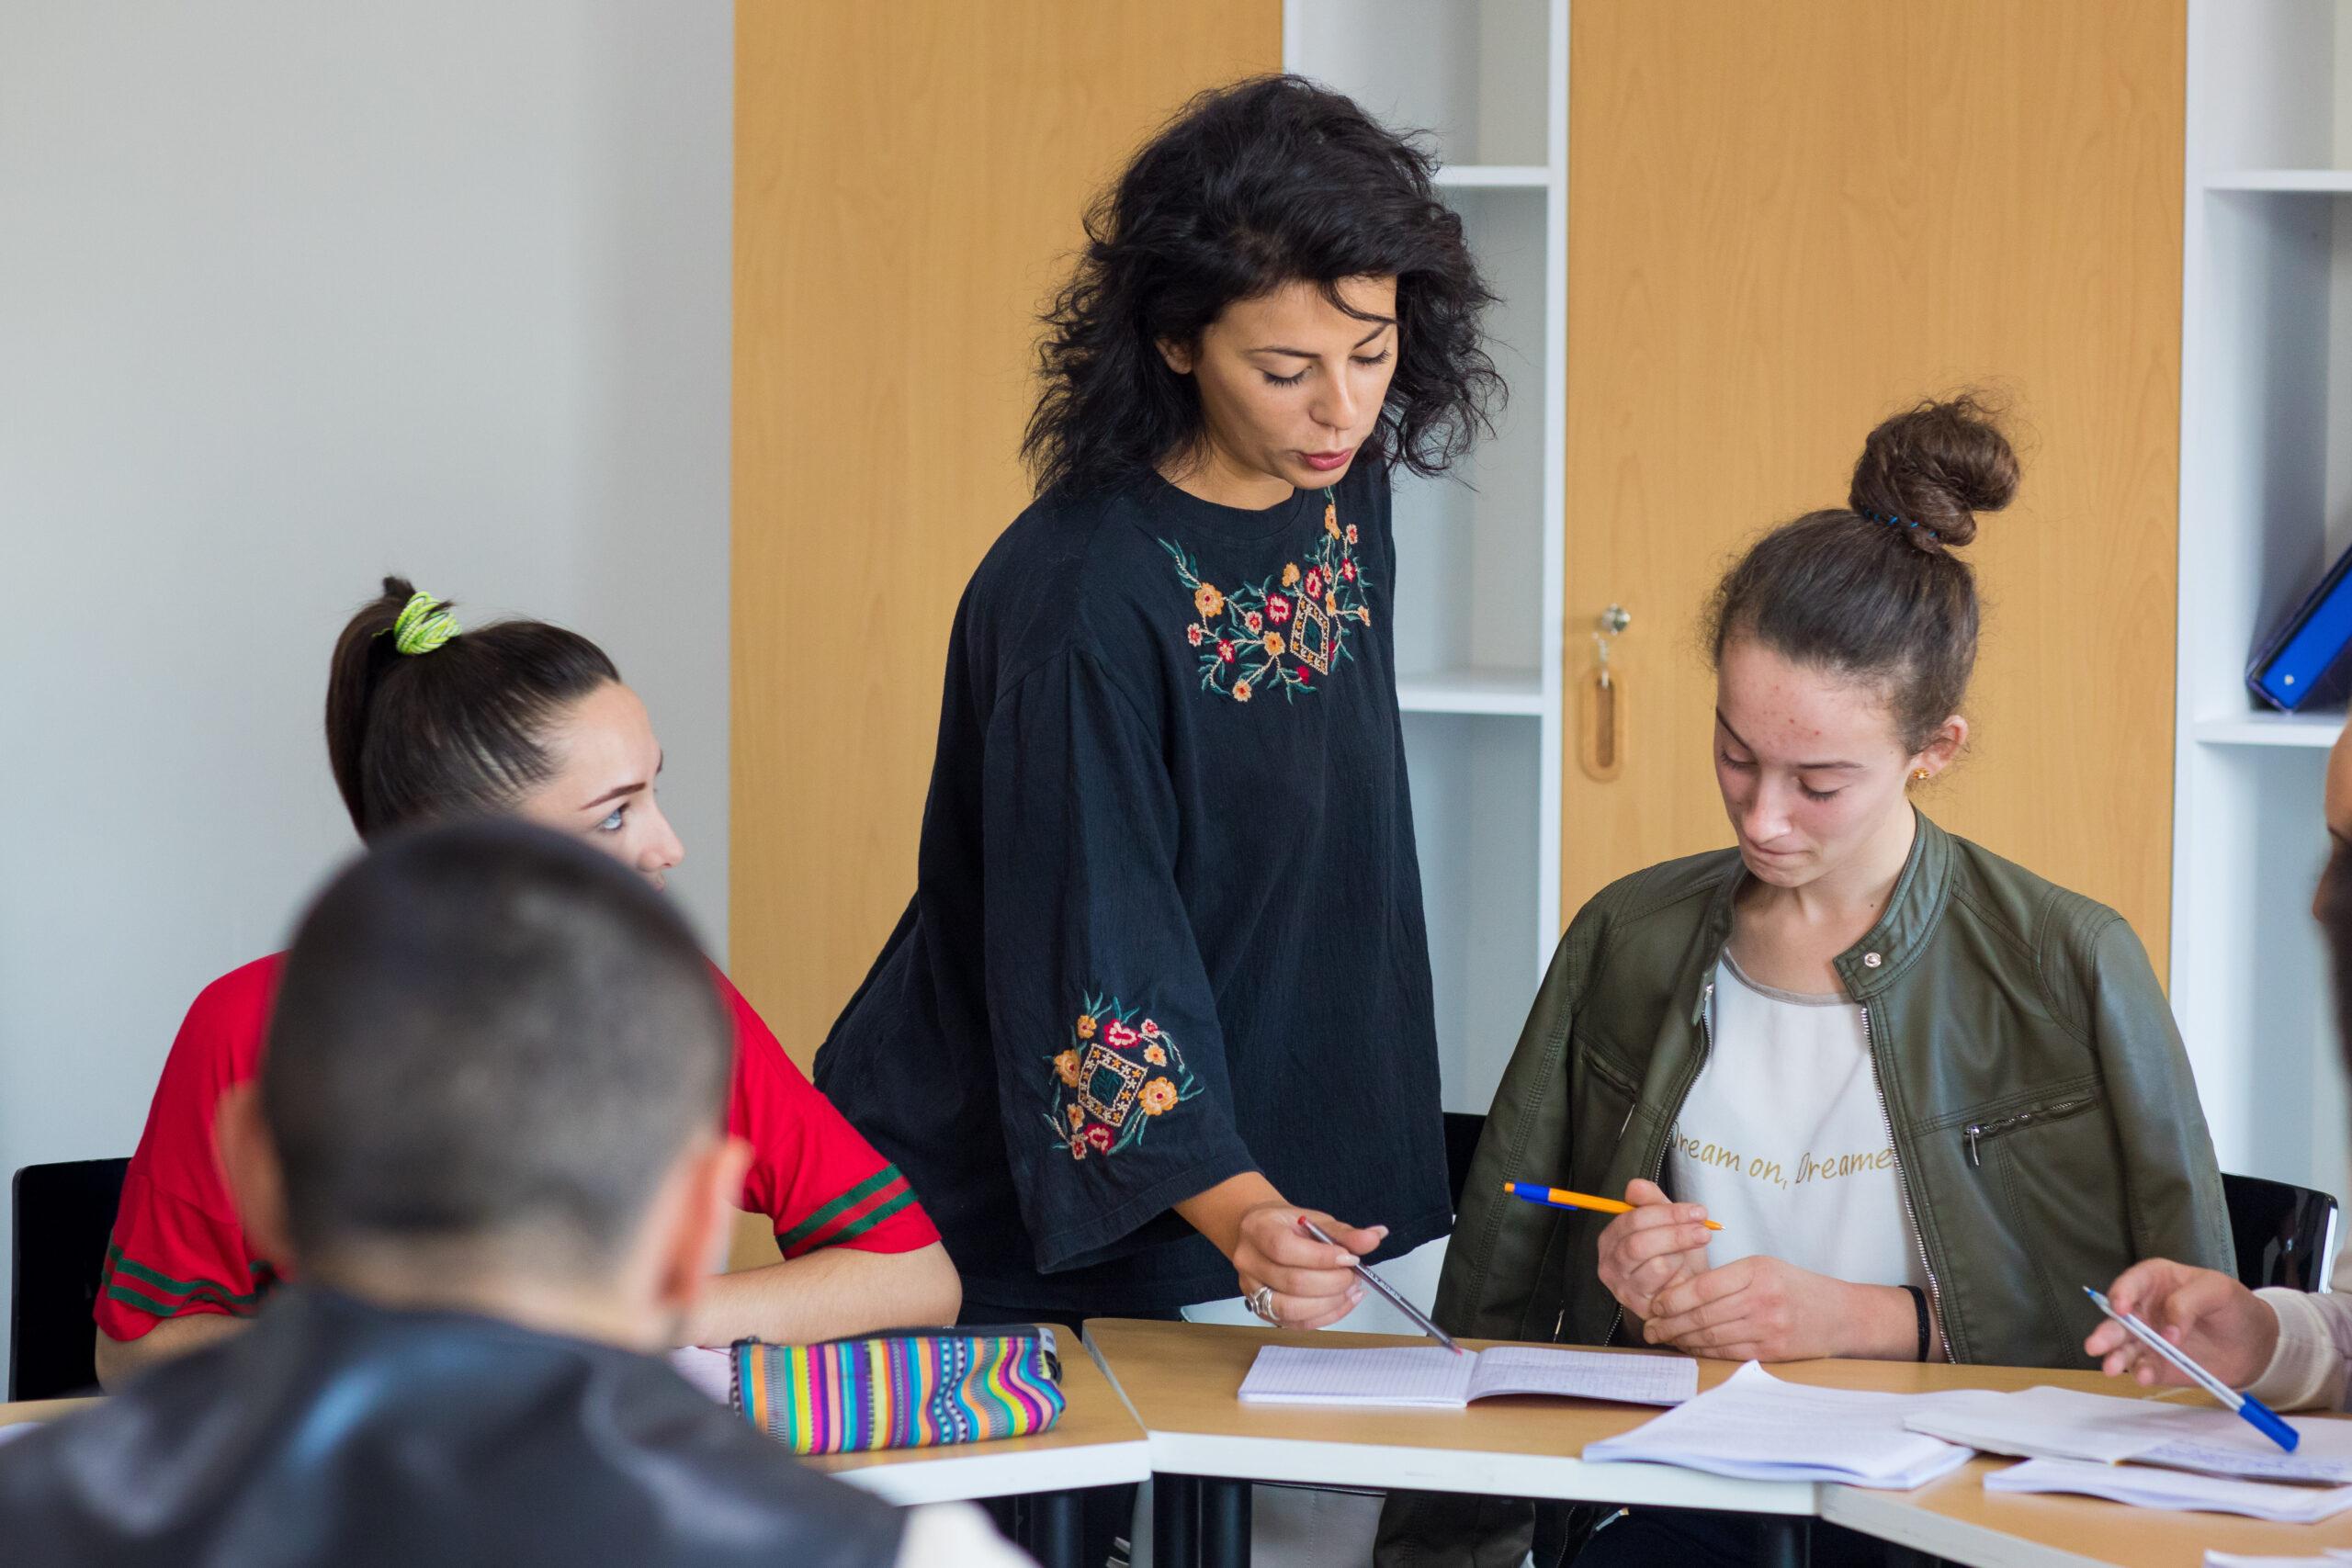 A keni dëgjuar ndonjëherë për pedagogjinë gjithëpërfshirëse?